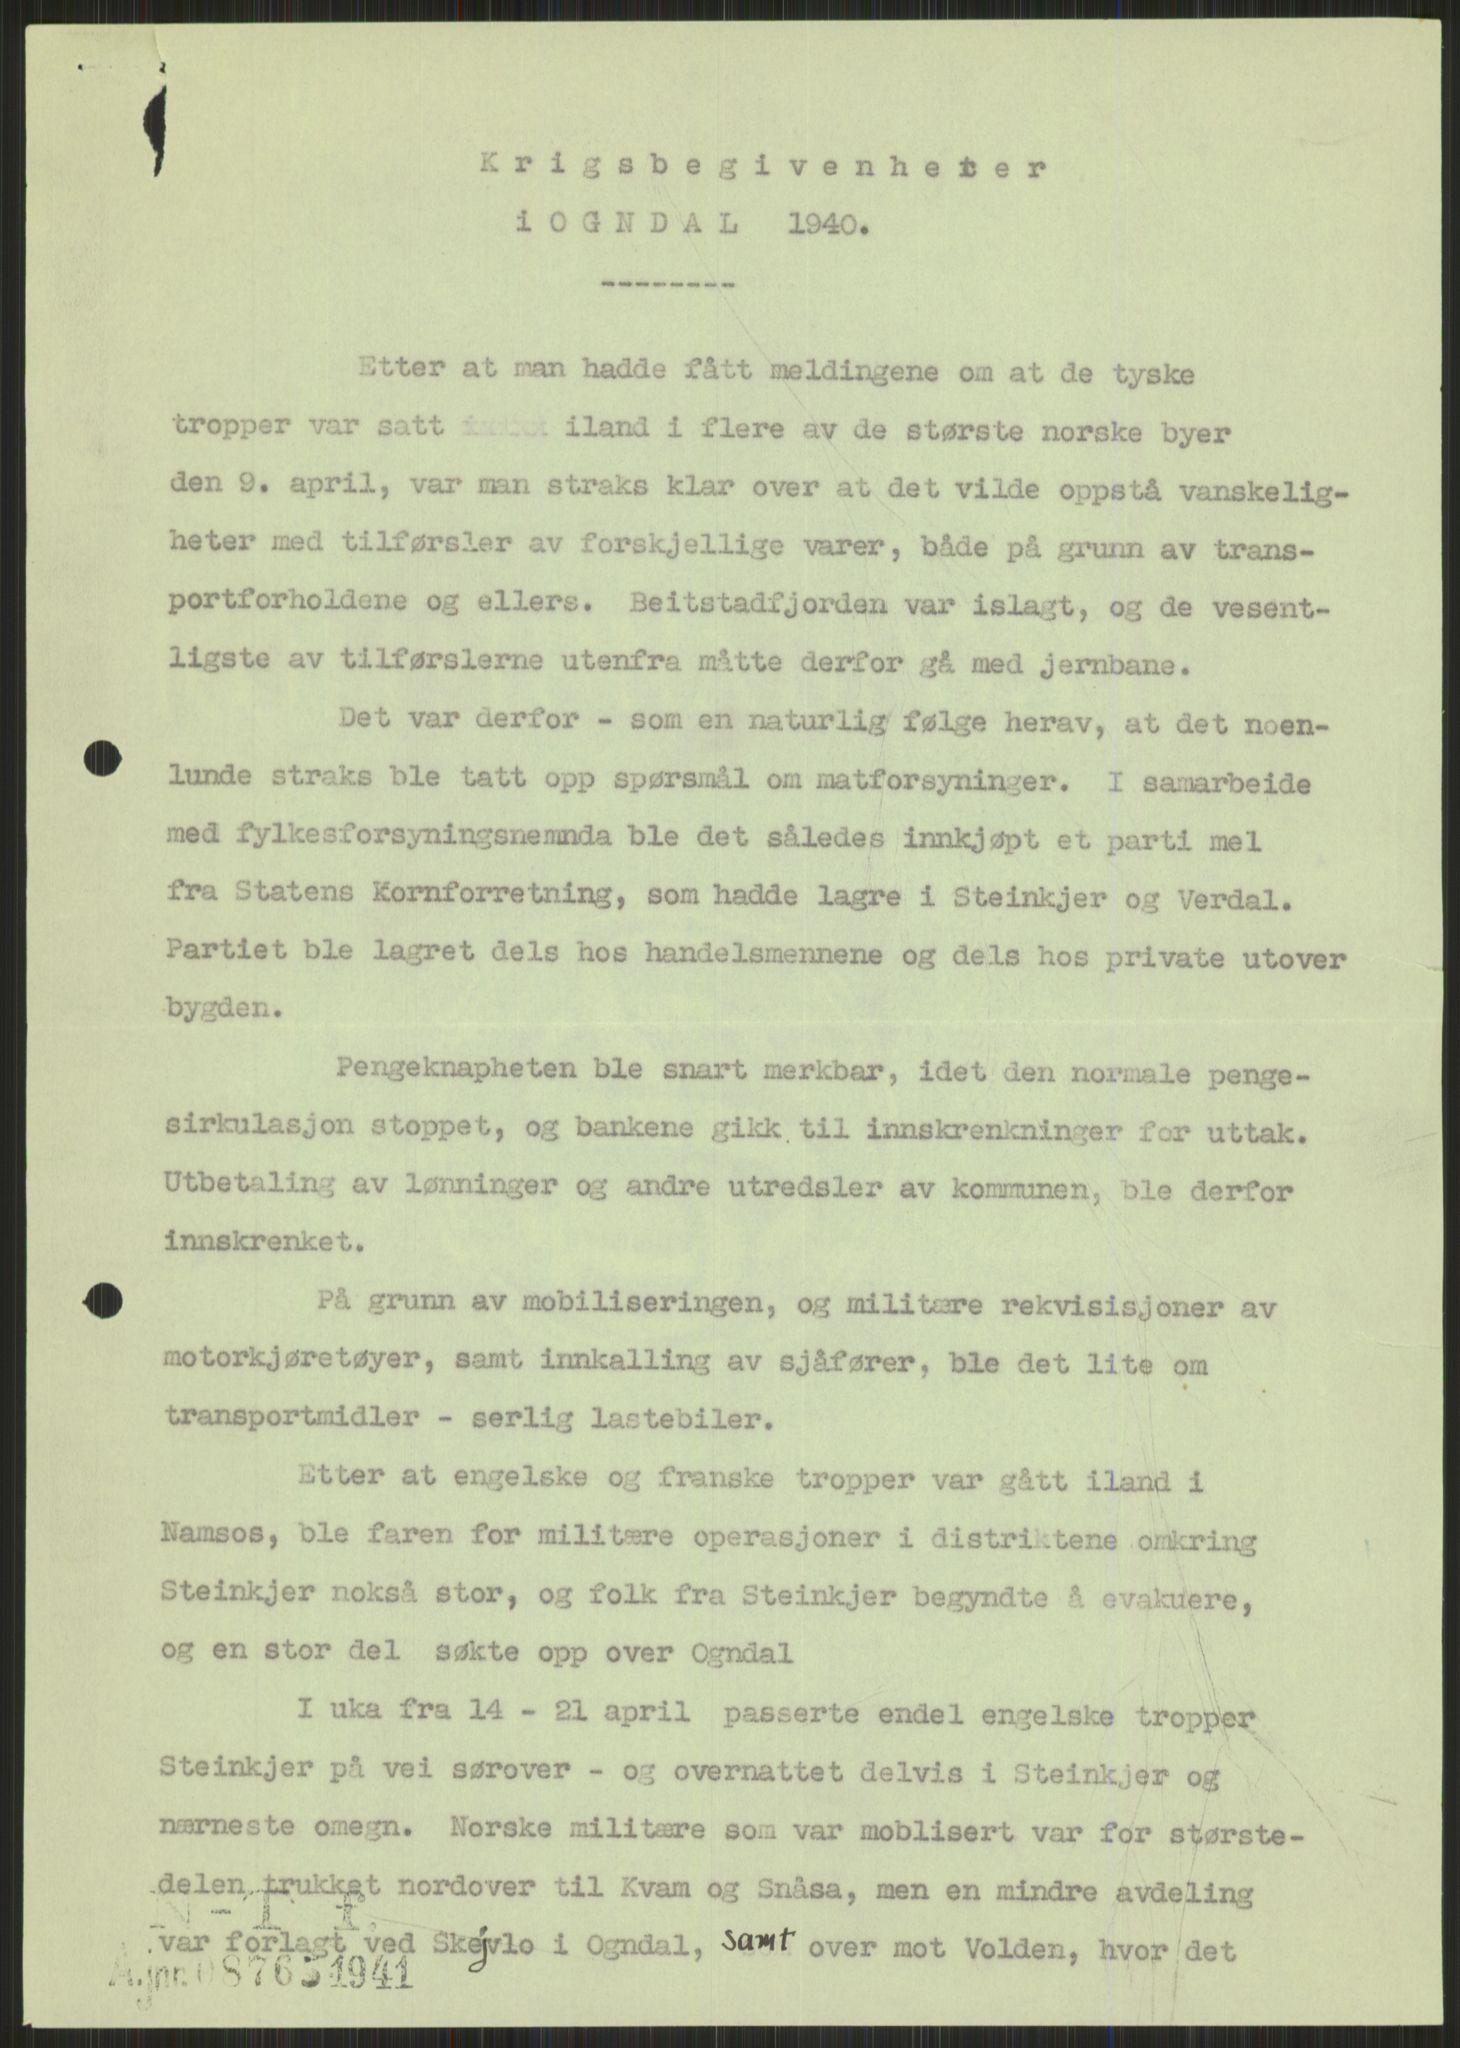 RA, Forsvaret, Forsvarets krigshistoriske avdeling, Y/Ya/L0016: II-C-11-31 - Fylkesmenn.  Rapporter om krigsbegivenhetene 1940., 1940, s. 527